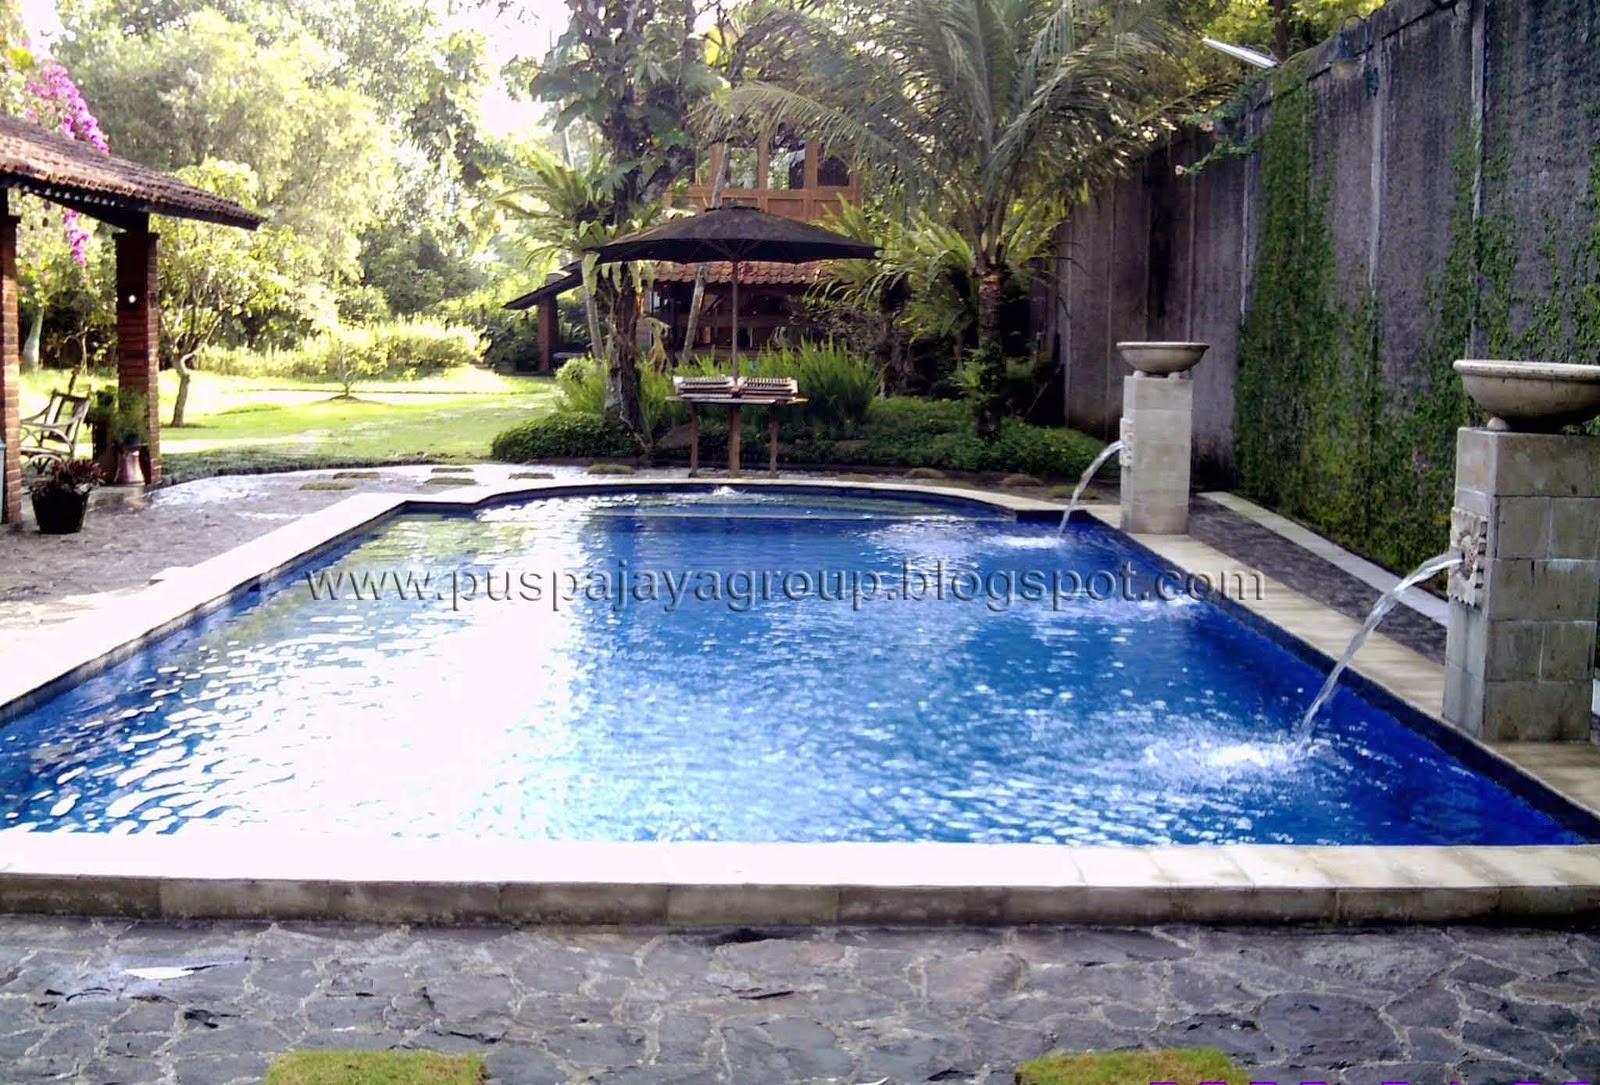 kolam renang submited images